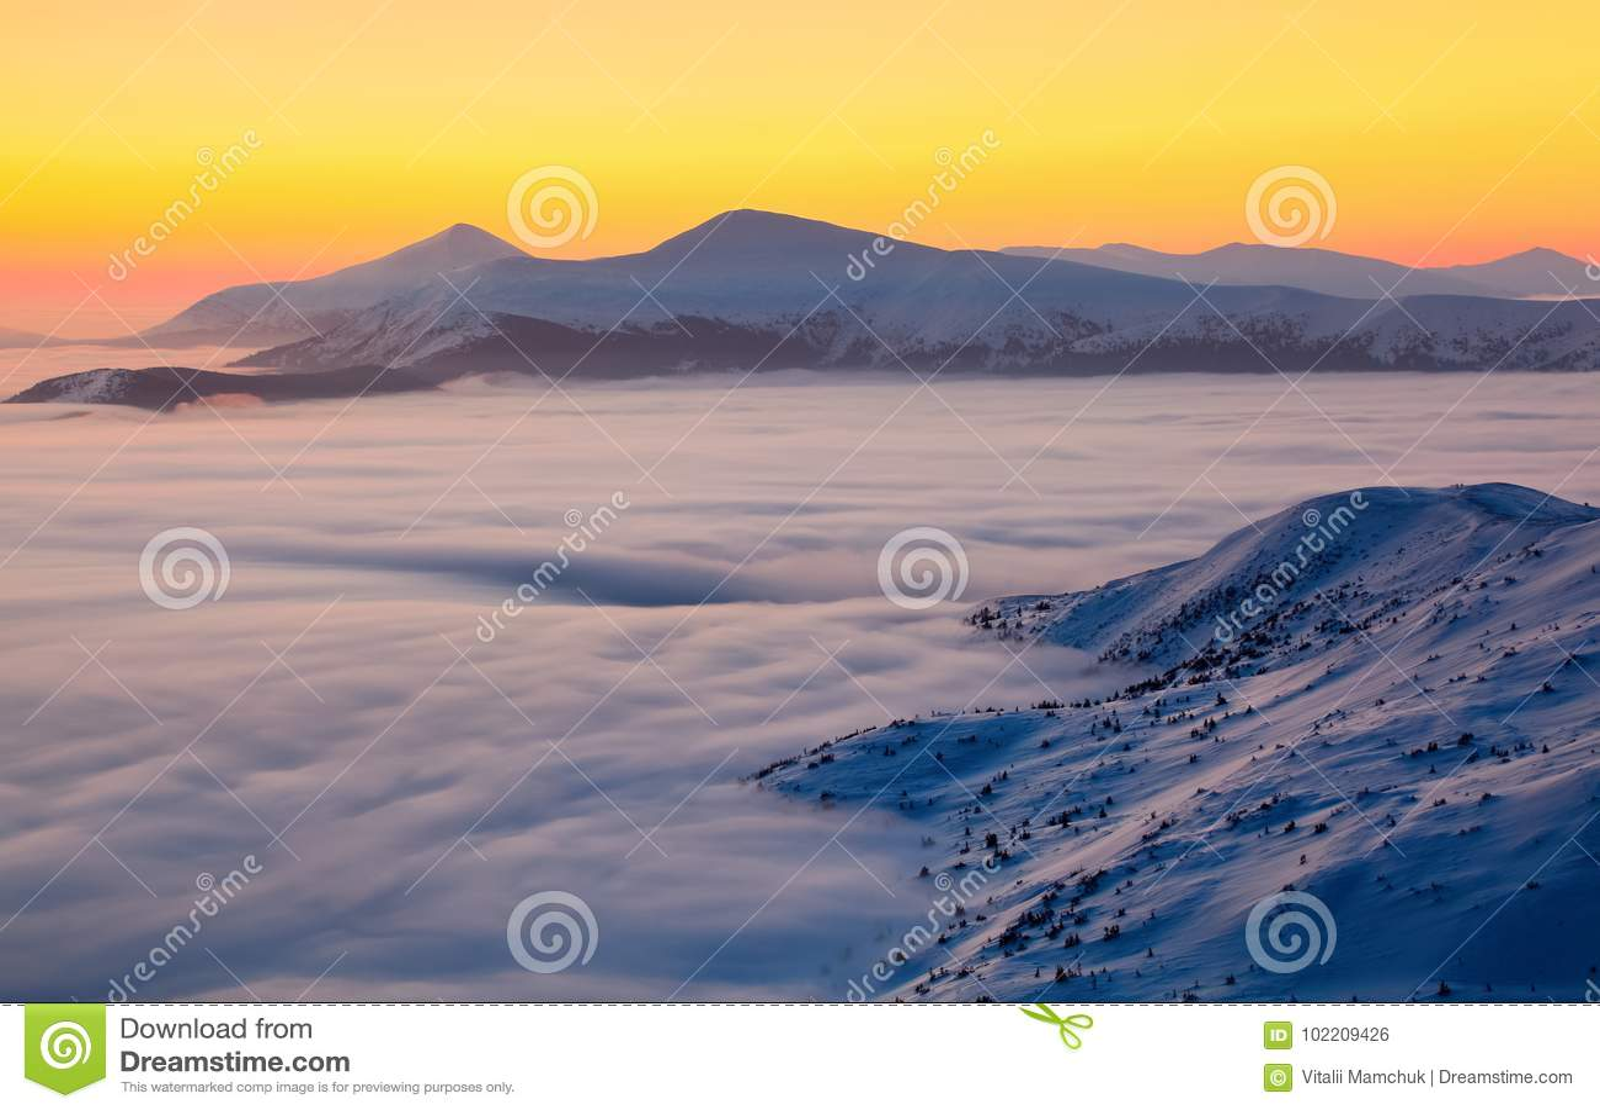 Το τοπίο ένα ζαλίζοντας ηλιοβασίλεμα, μια ενδιαφέροντα παχιά ομίχλη και βουνά που καλύπτονται με με το κατασκευασμένο χιόνι μια χ